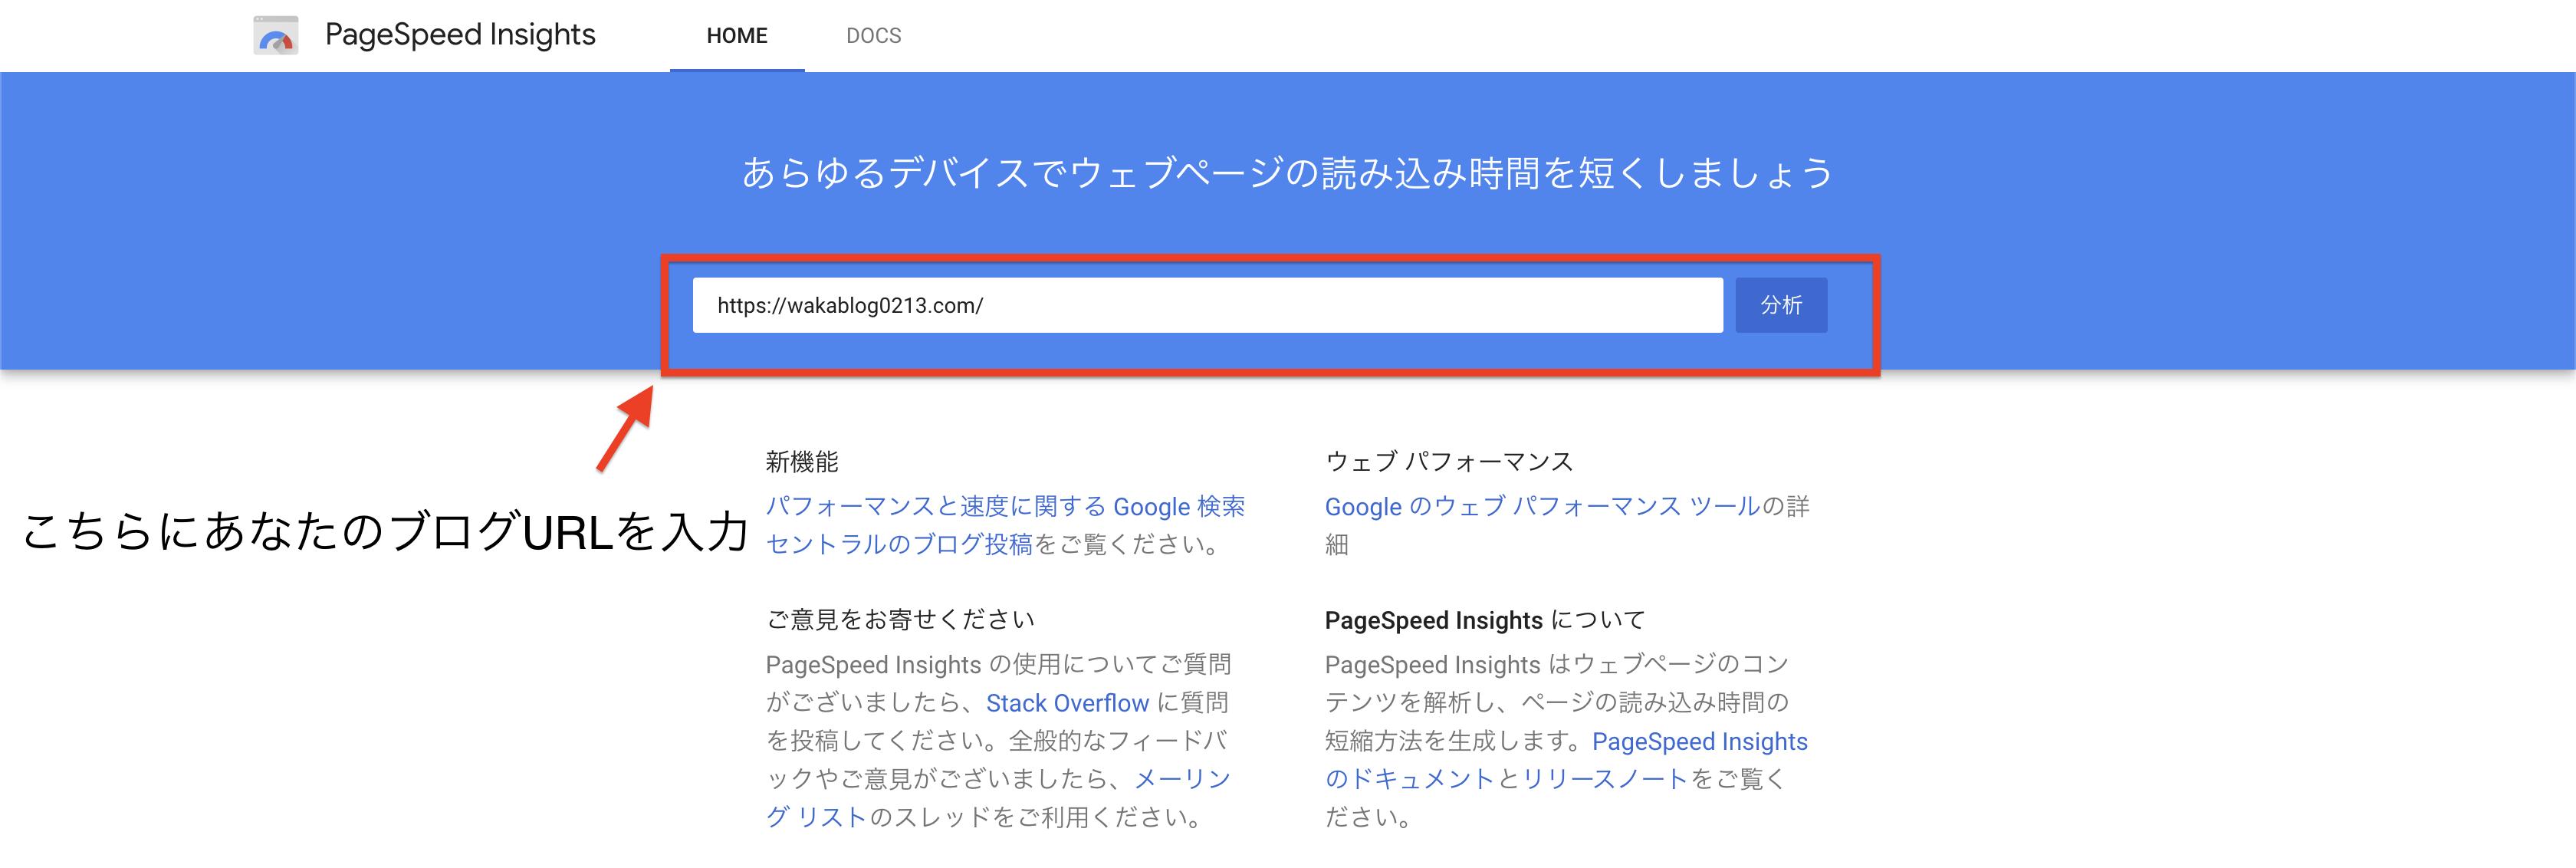 【ブログ初心者/必要知識・その1】ブログに最適な画像サイズと大きさ